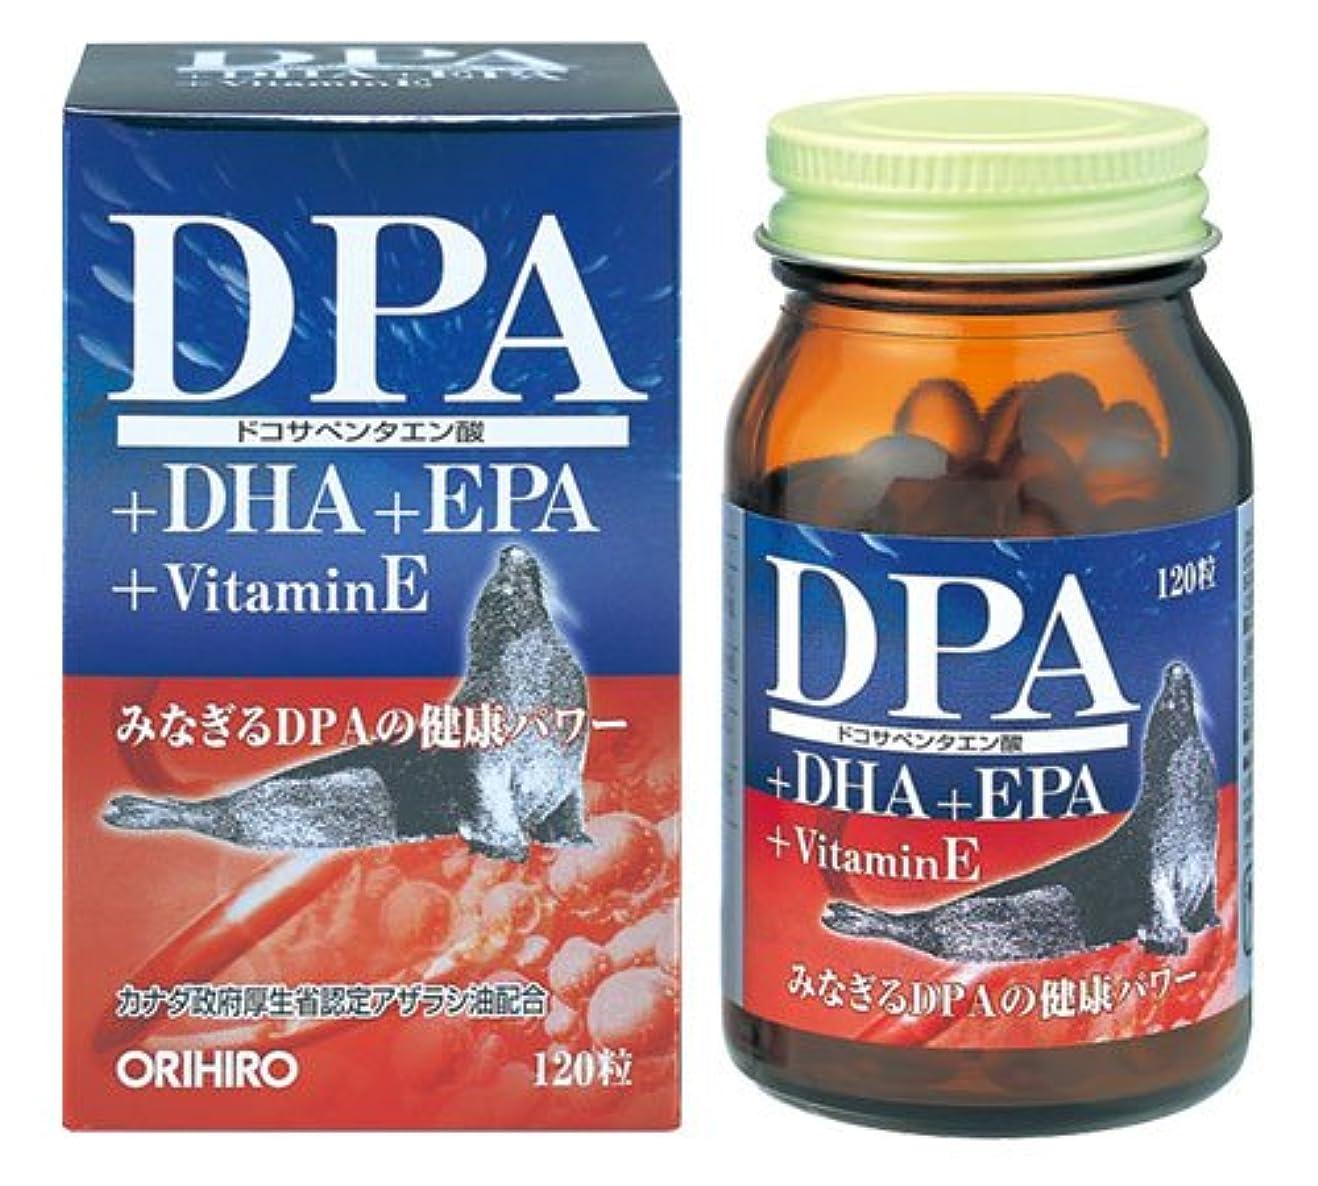 展望台まろやかなソブリケットDPA+DHA+EPAカプセル 120粒(約1ヶ月分)